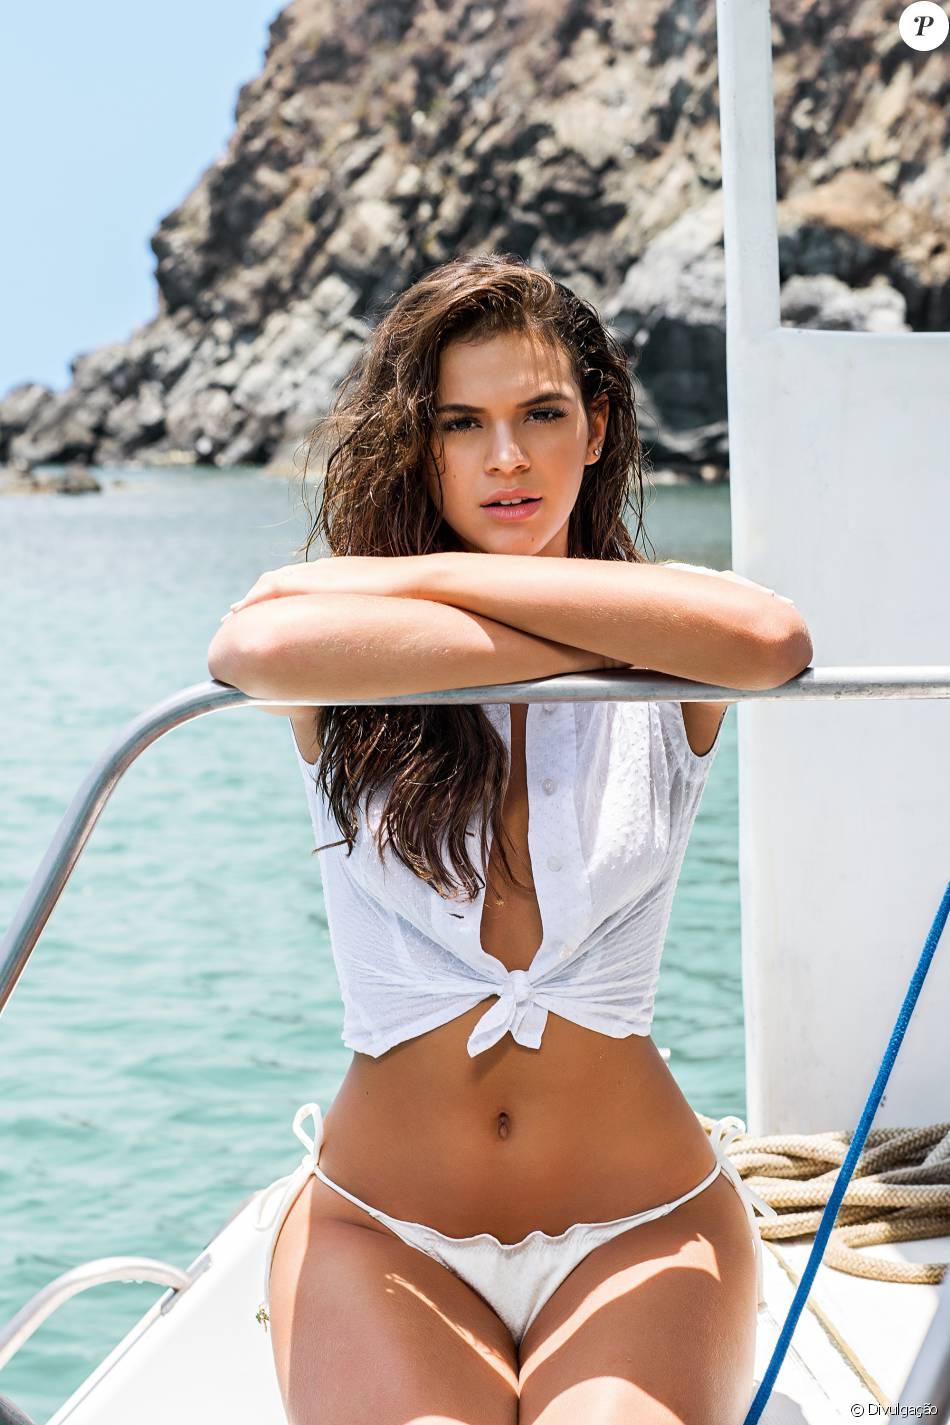 Bruna Marquezine recebe proposta de R$ 1 milhão para posar nua para site